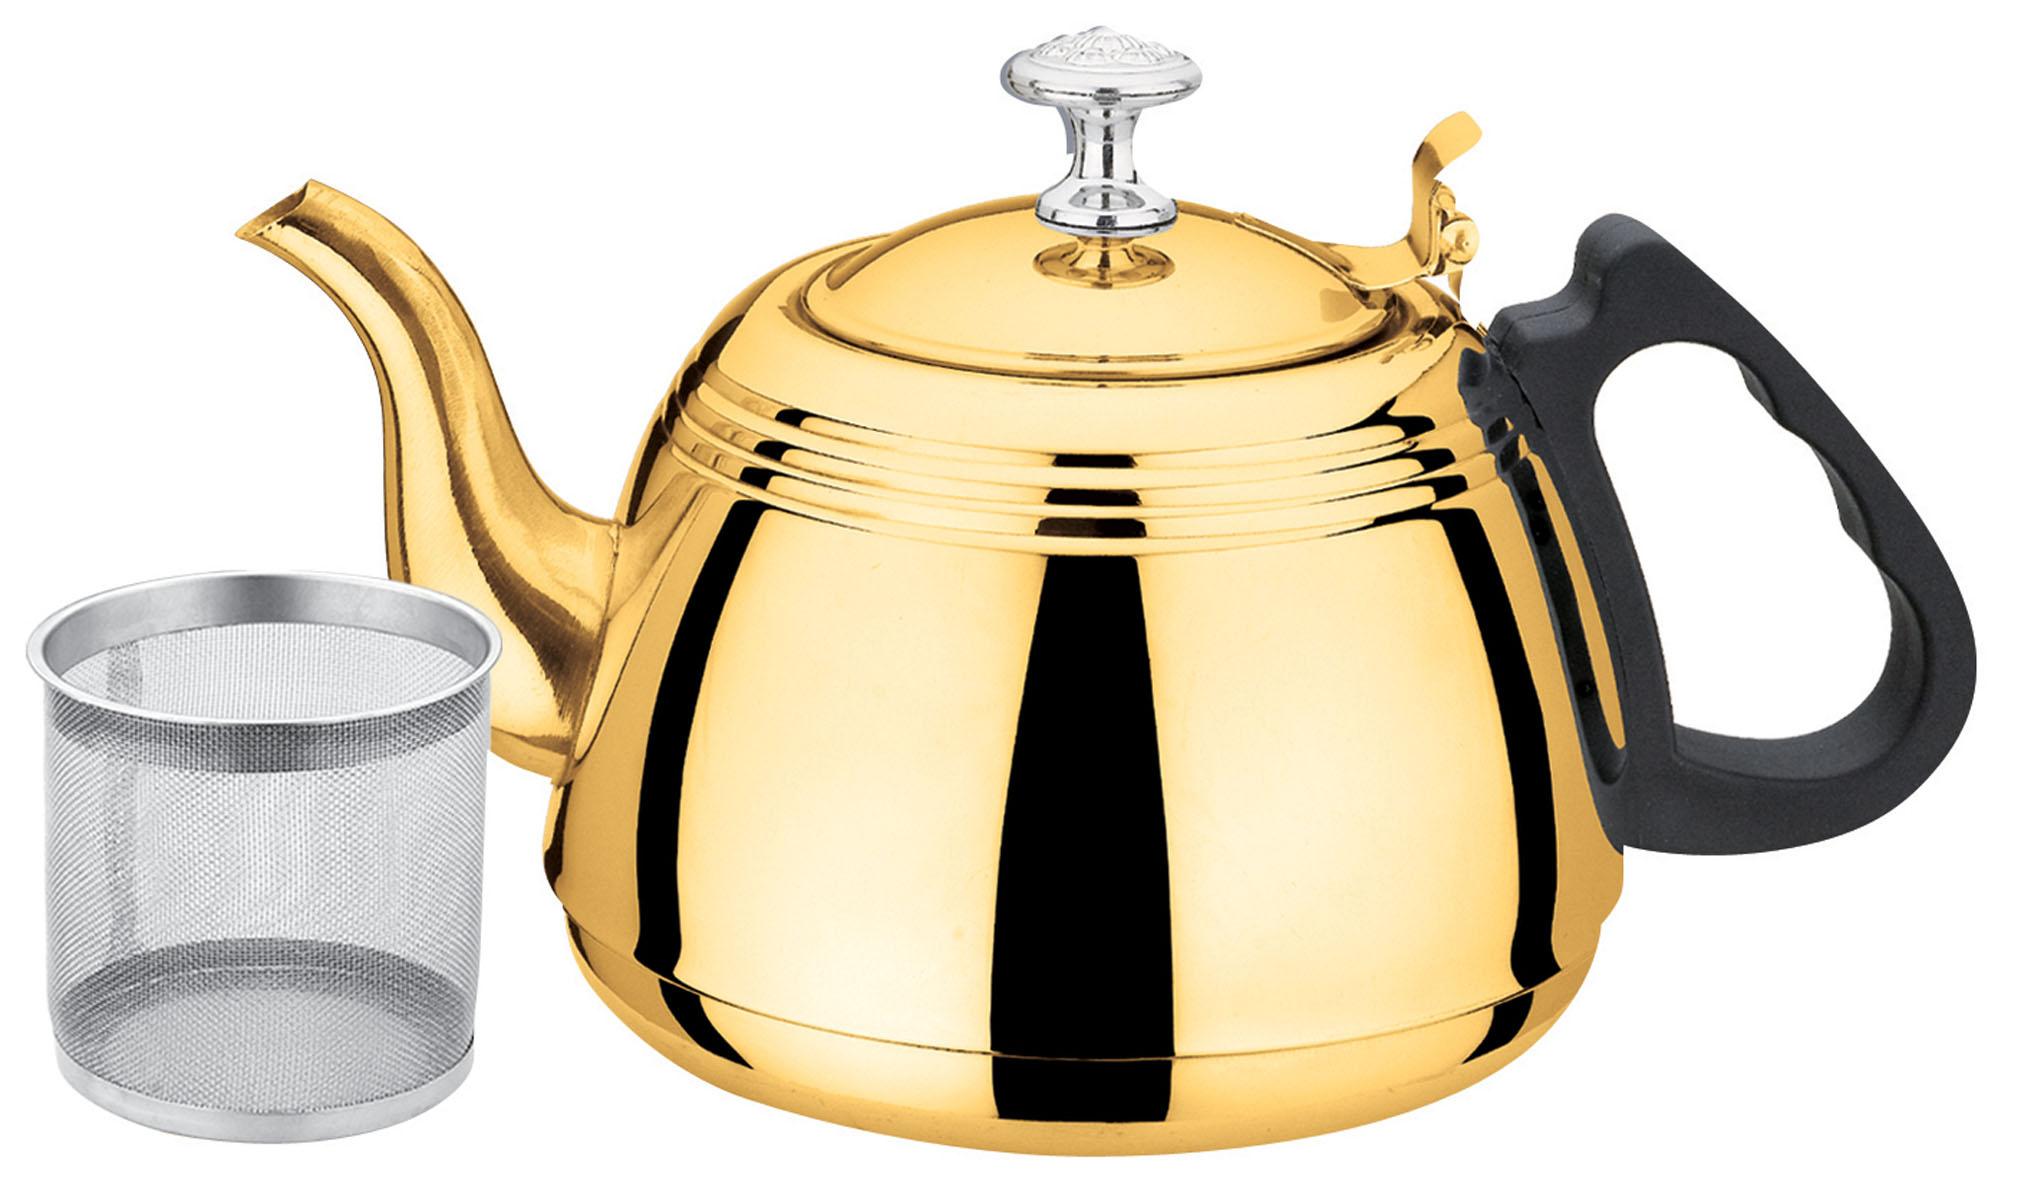 Чайник заварочный Bekker, с ситечком, цвет: золотистый, 1 лBK-S505Чайник Bekker выполнен из высококачественной нержавеющей стали, что обеспечивает долговечность использования. Внешнее зеркальное покрытие придает приятный внешний вид. Бакелитовая ручка делает использование чайника очень удобным и безопасным. Чайник снабжен ситечком для заваривания. Можно мыть в посудомоечной машине. Пригоден для всех видов плит, включая индукционные.Высота чайника (без учета крышки и ручки): 8,4 см.Диаметр основания: 12 см. Толщина стенки: 0,4 мм.Толщина дна: 1 мм.Высота ситечка: 7,3 см.